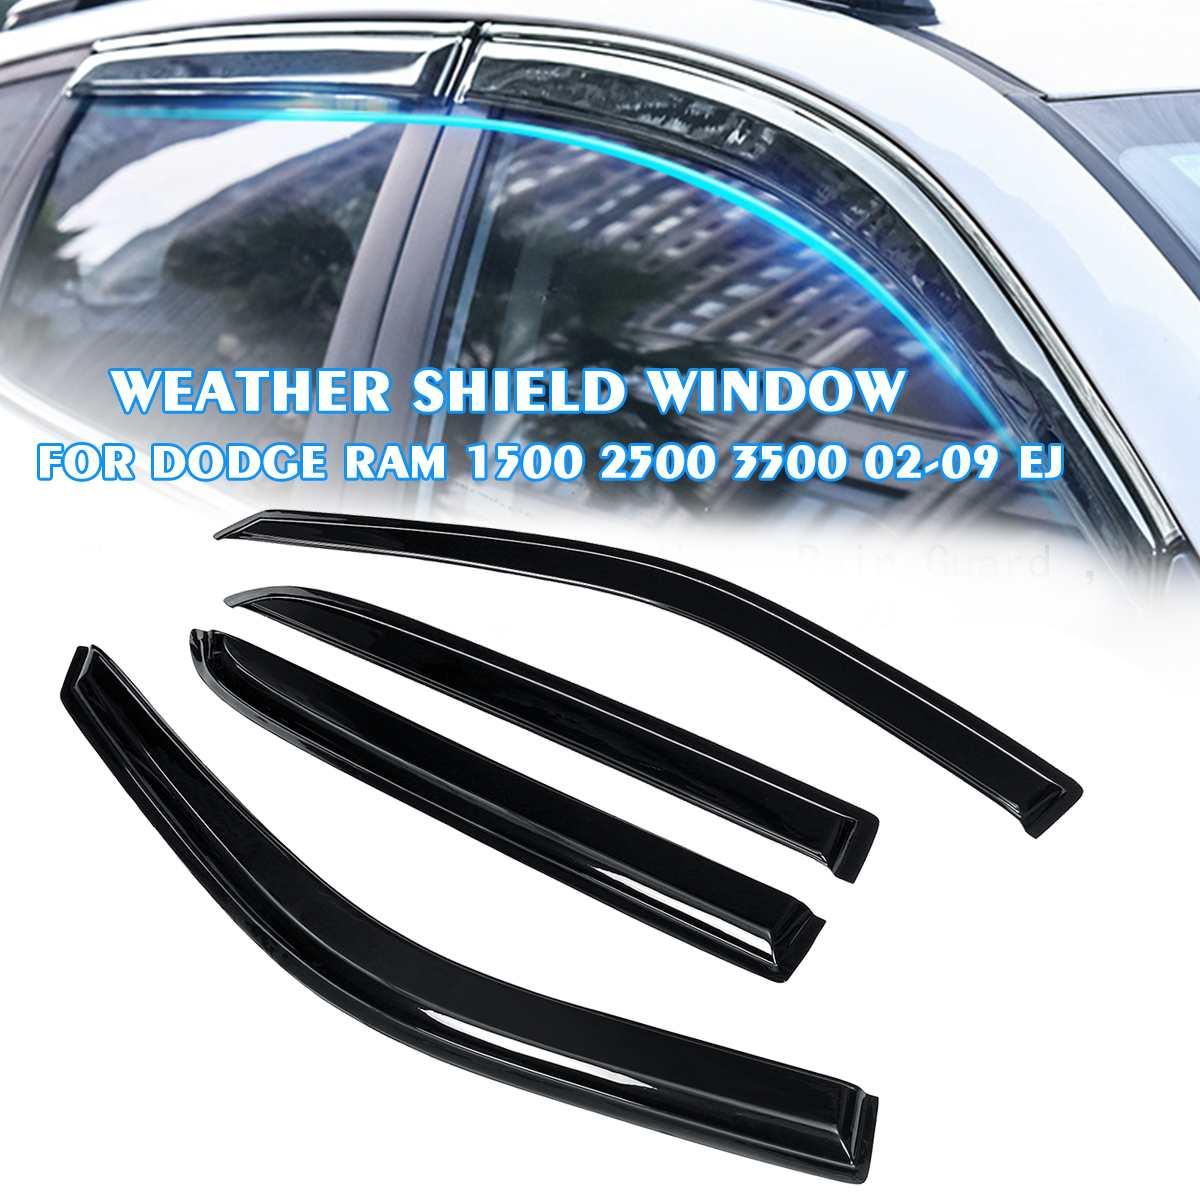 4 قطعة/المجموعة/مجموعة من حامي زجاج السيارة من Autoleader لـ دودج رام 1500 2500 3500 09-18 EJ واقي من المطر